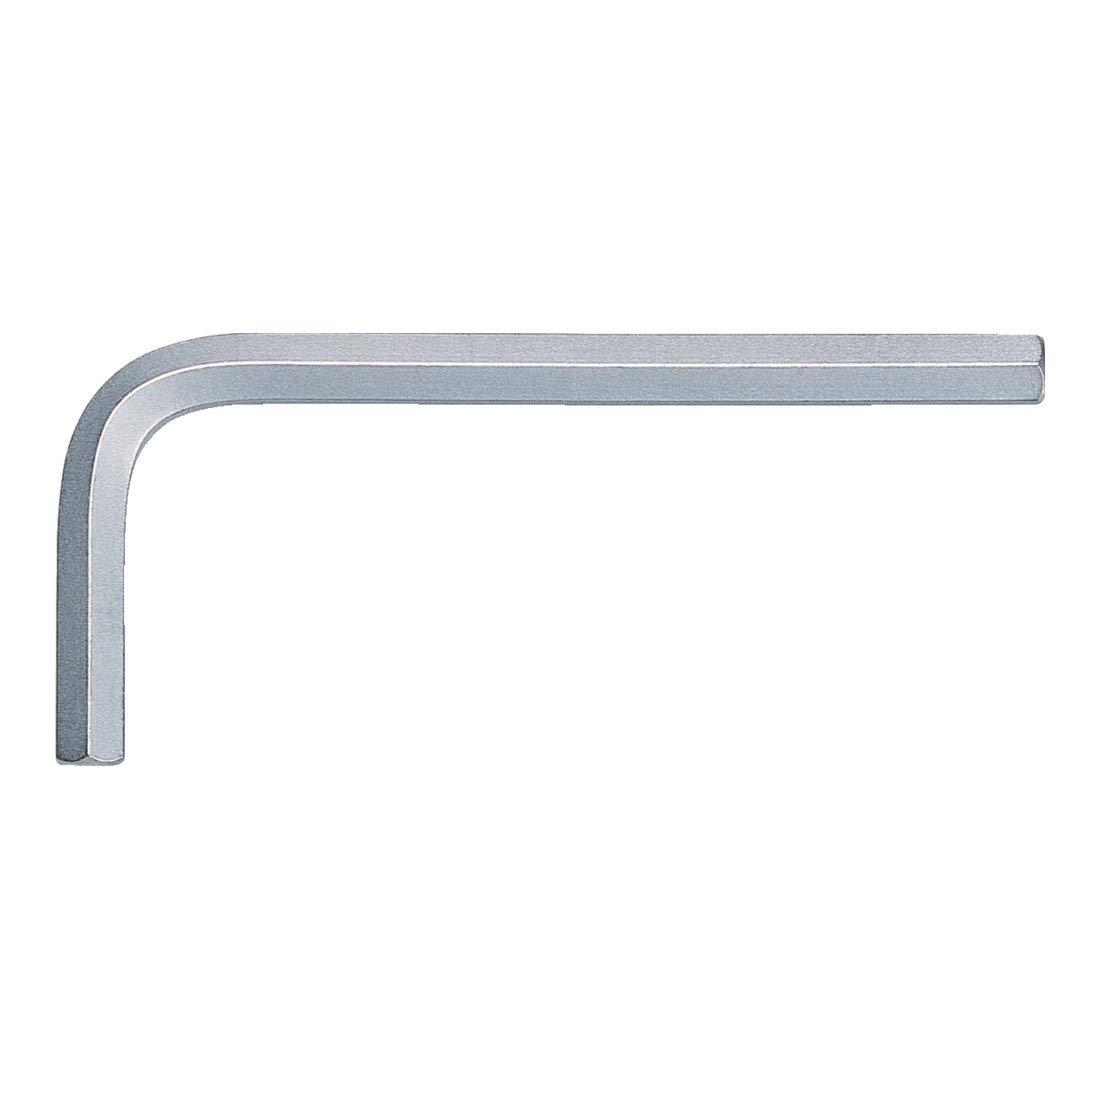 KS Tools 151.2024 Corta, 4 mm Llave Allen